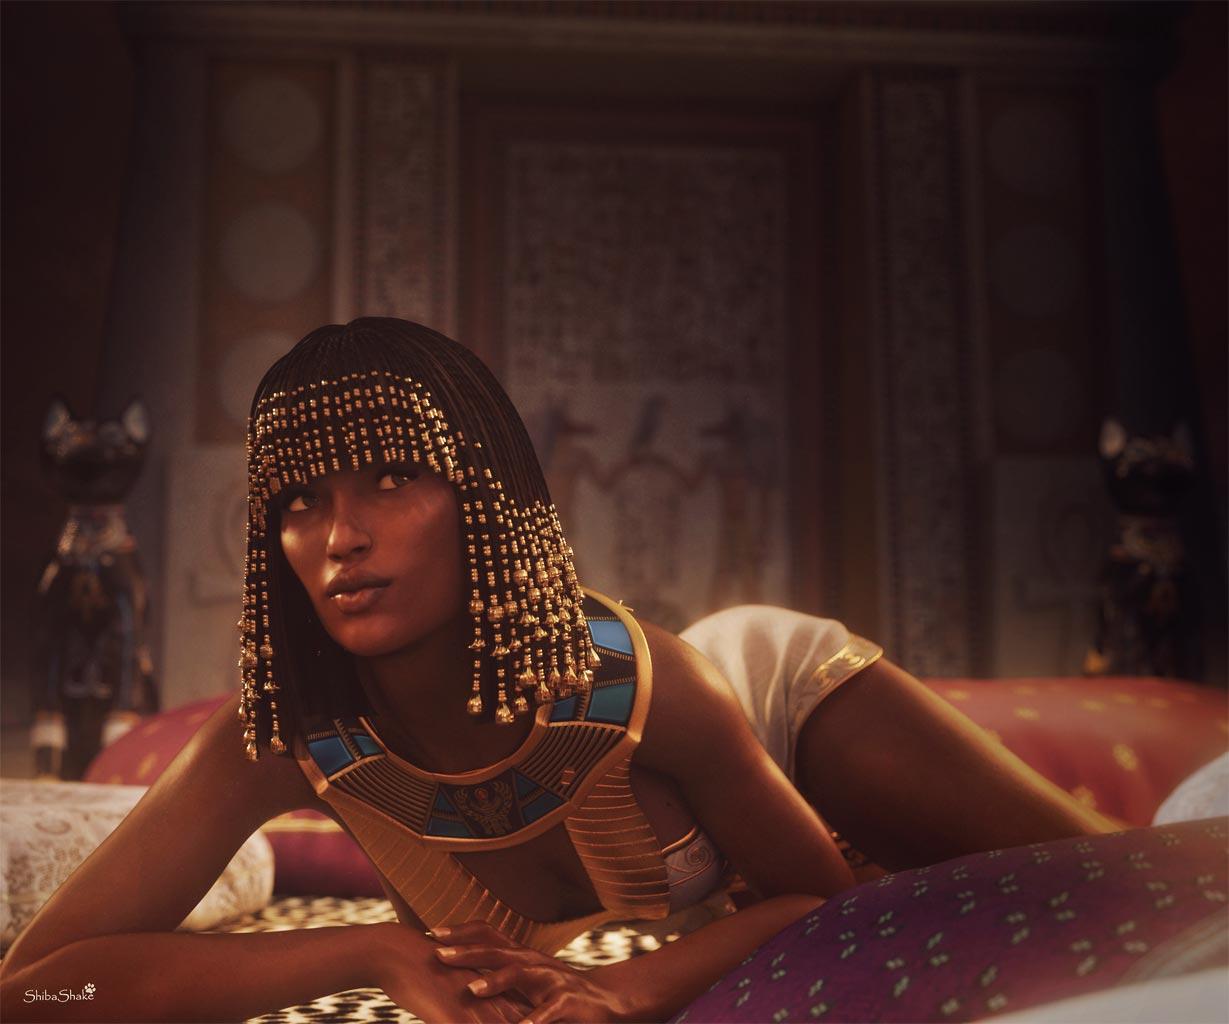 girls from egypt